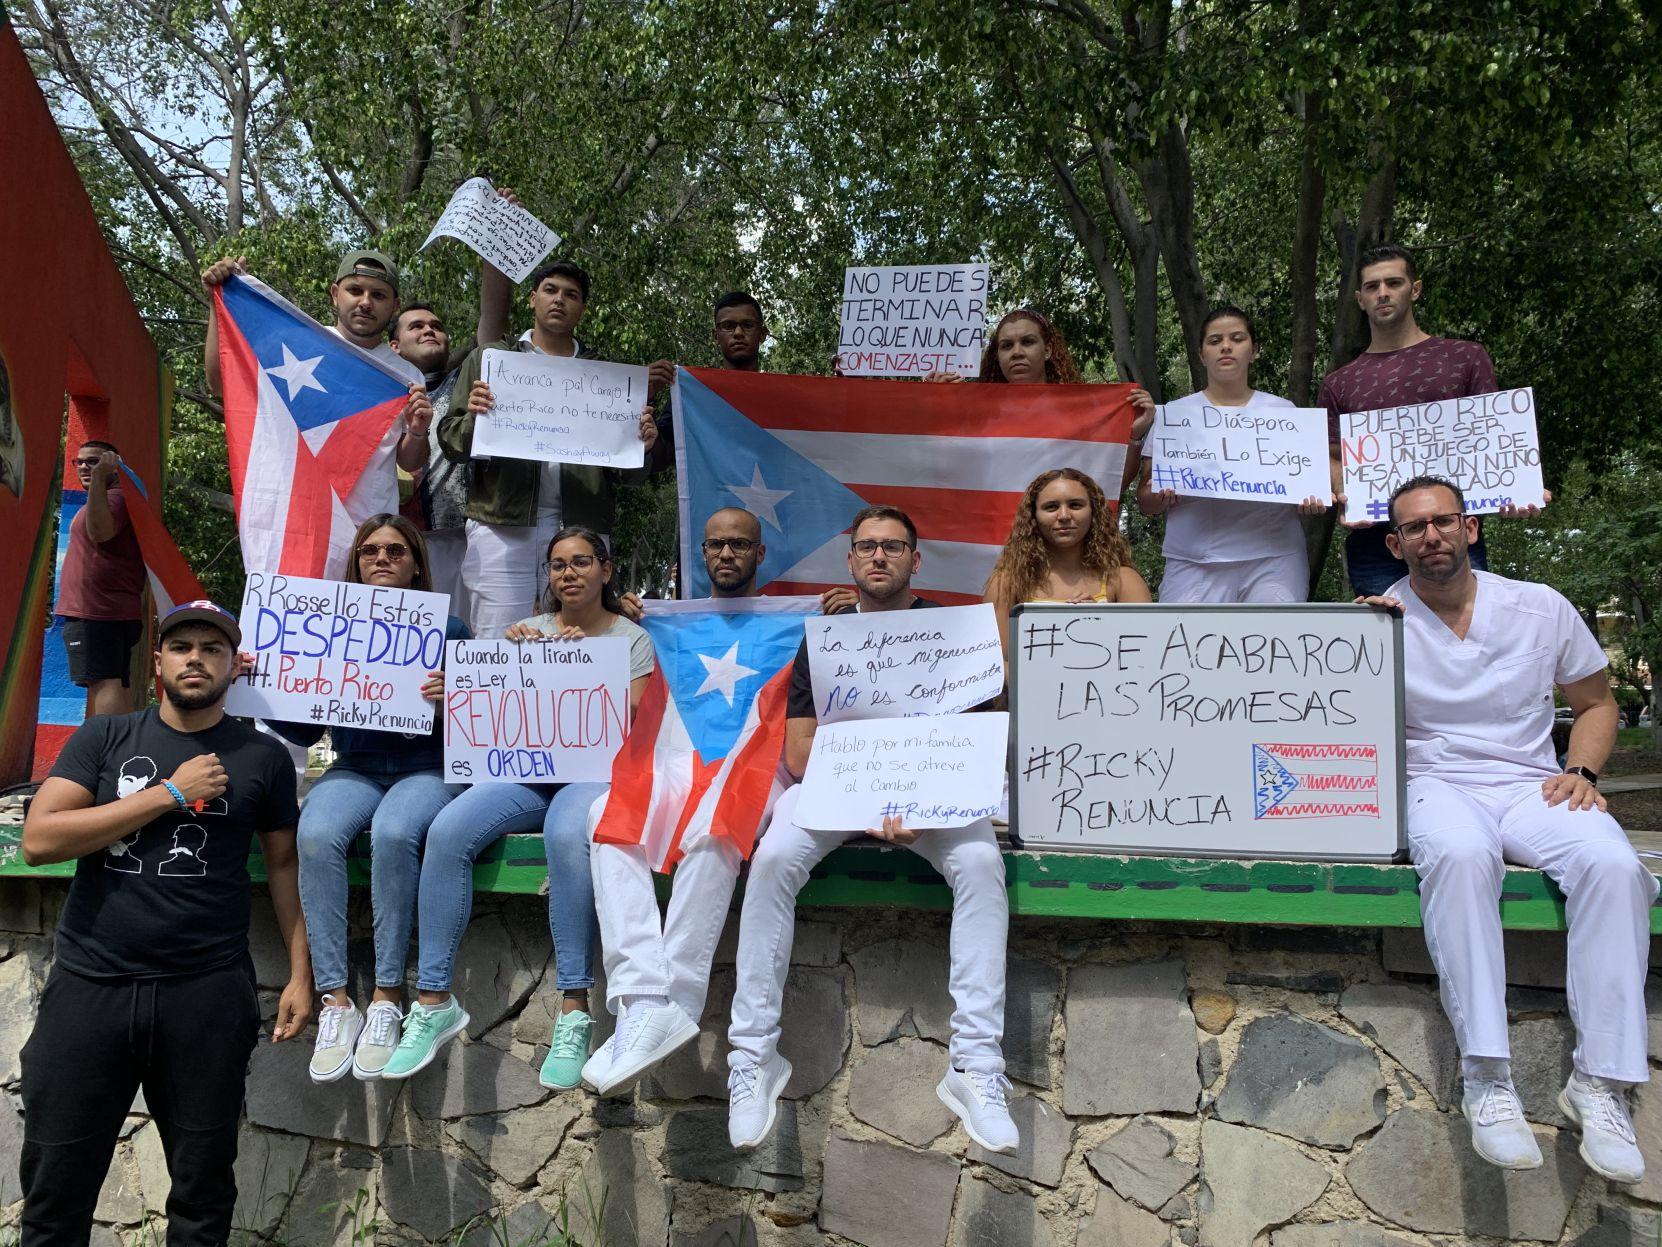 Estudiantes boricuas de medicina en México exigen renuncia de Rosselló